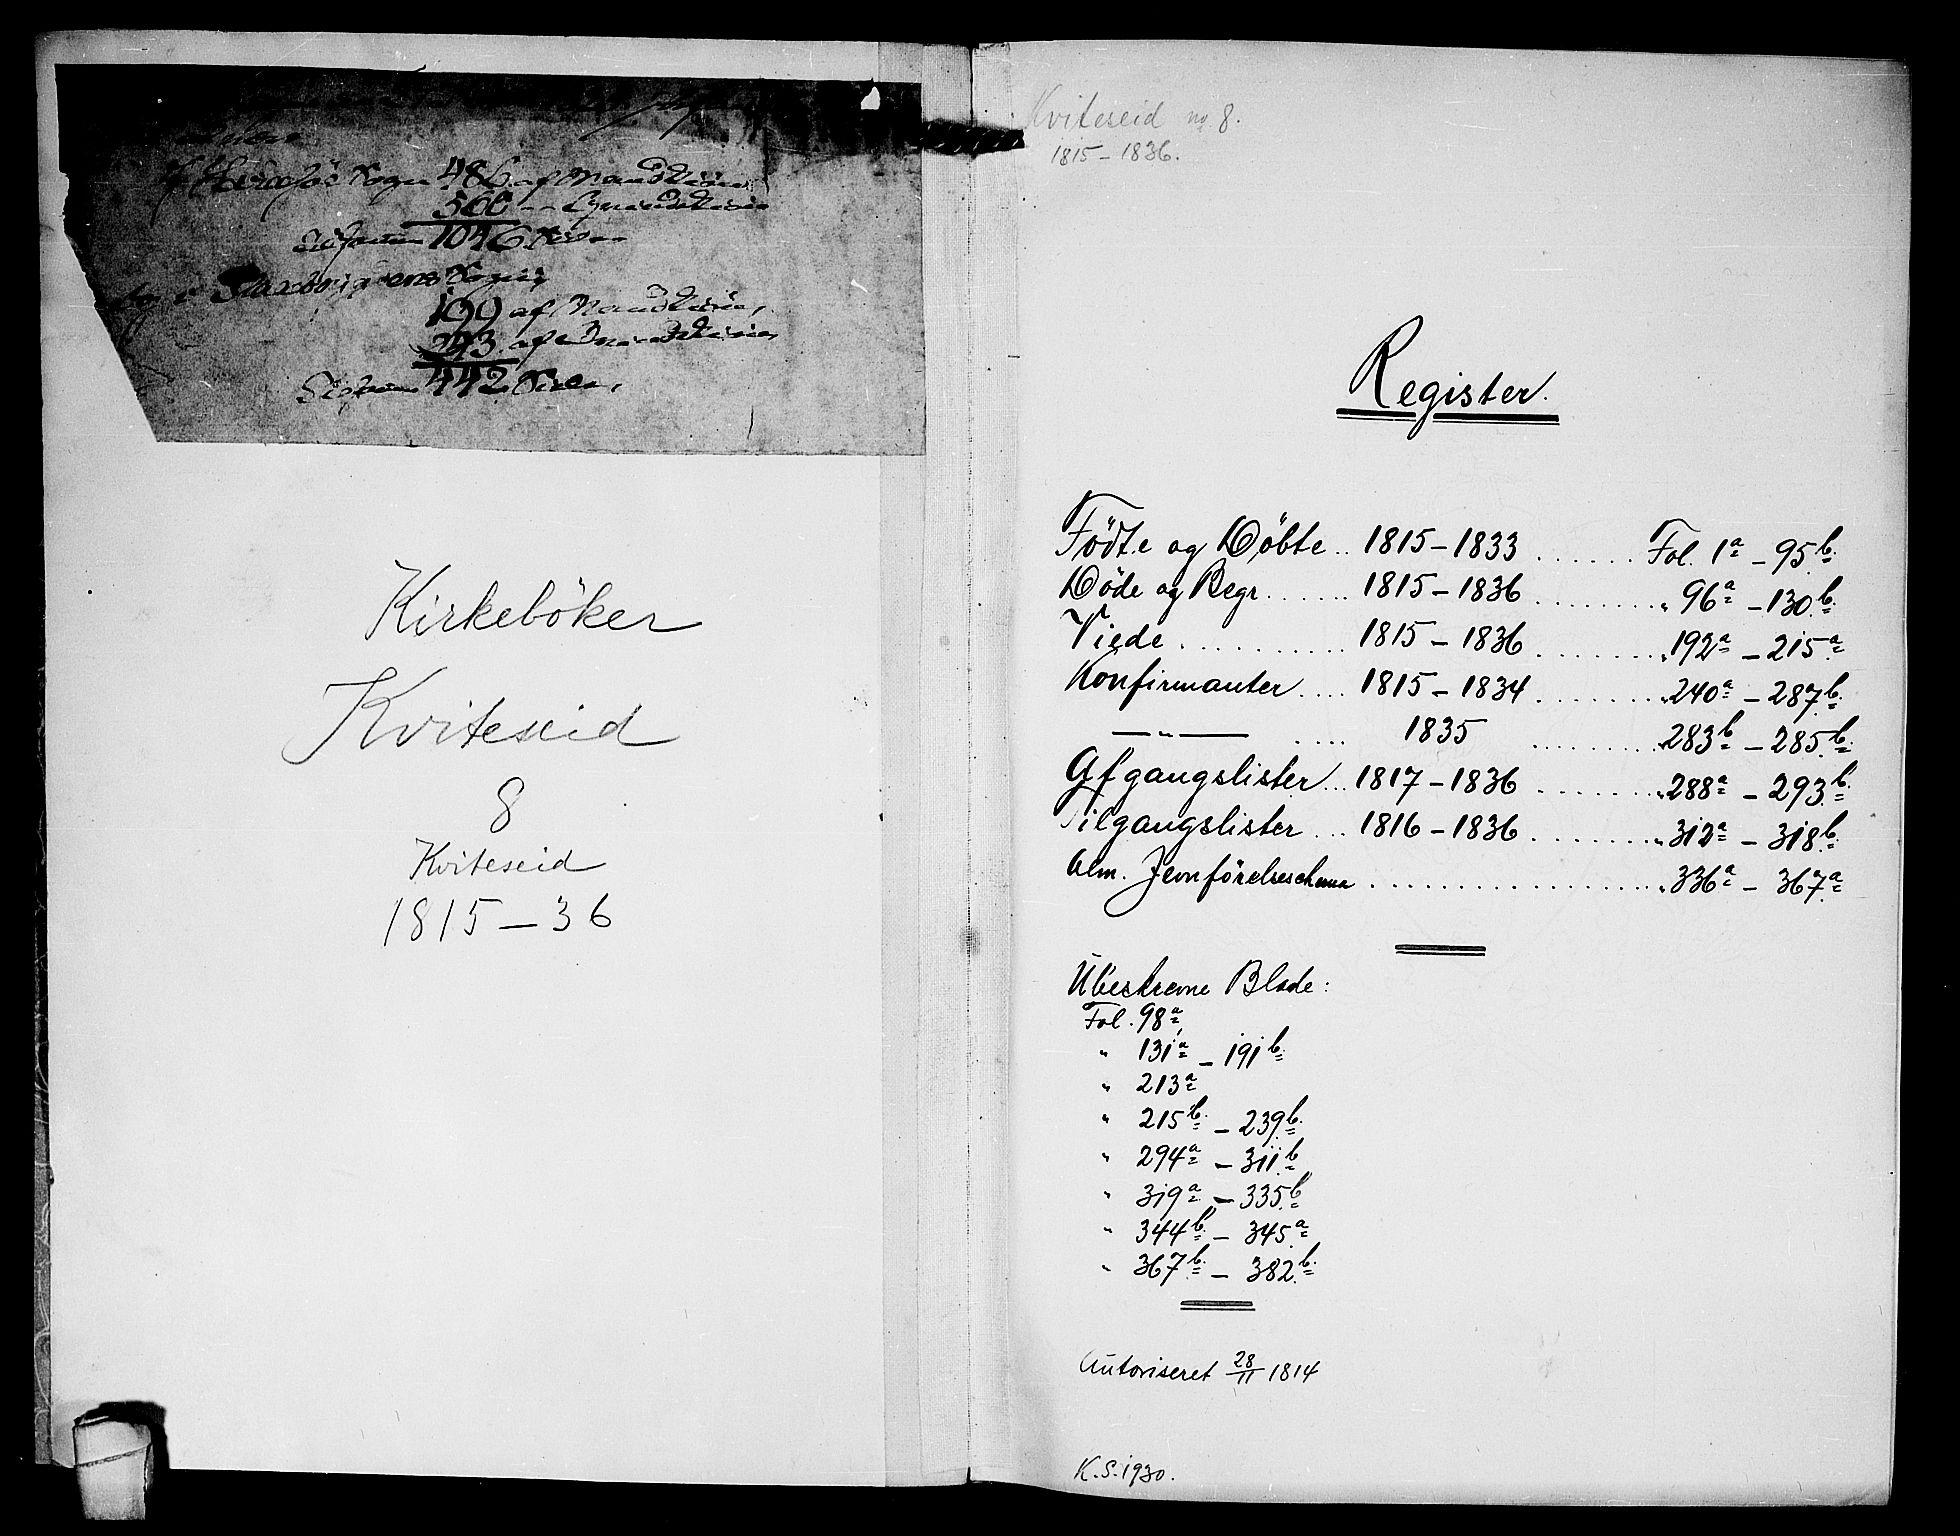 SAKO, Kviteseid kirkebøker, F/Fa/L0005: Ministerialbok nr. I 5, 1815-1836